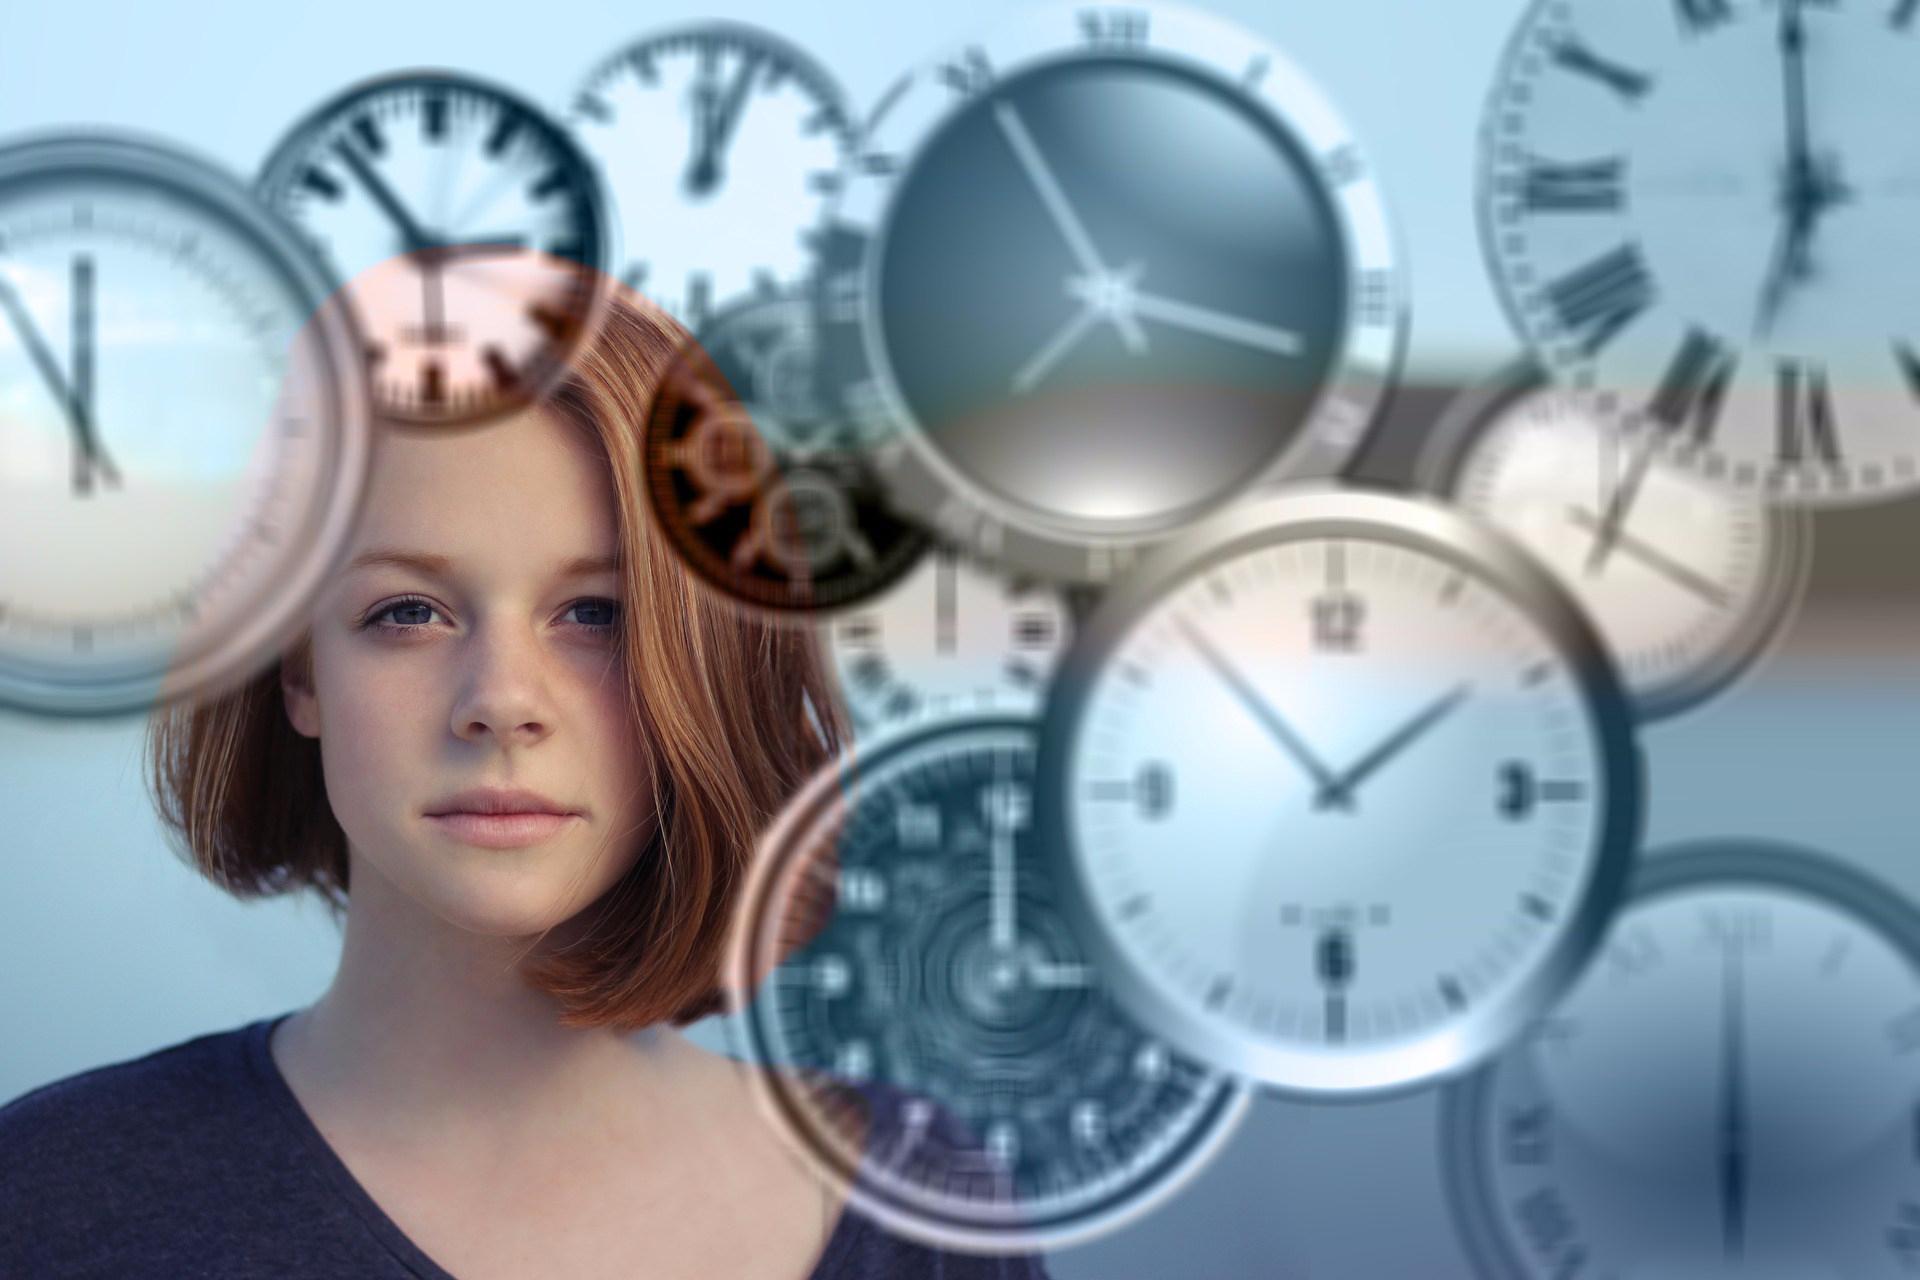 time-1739632_1920.jpg